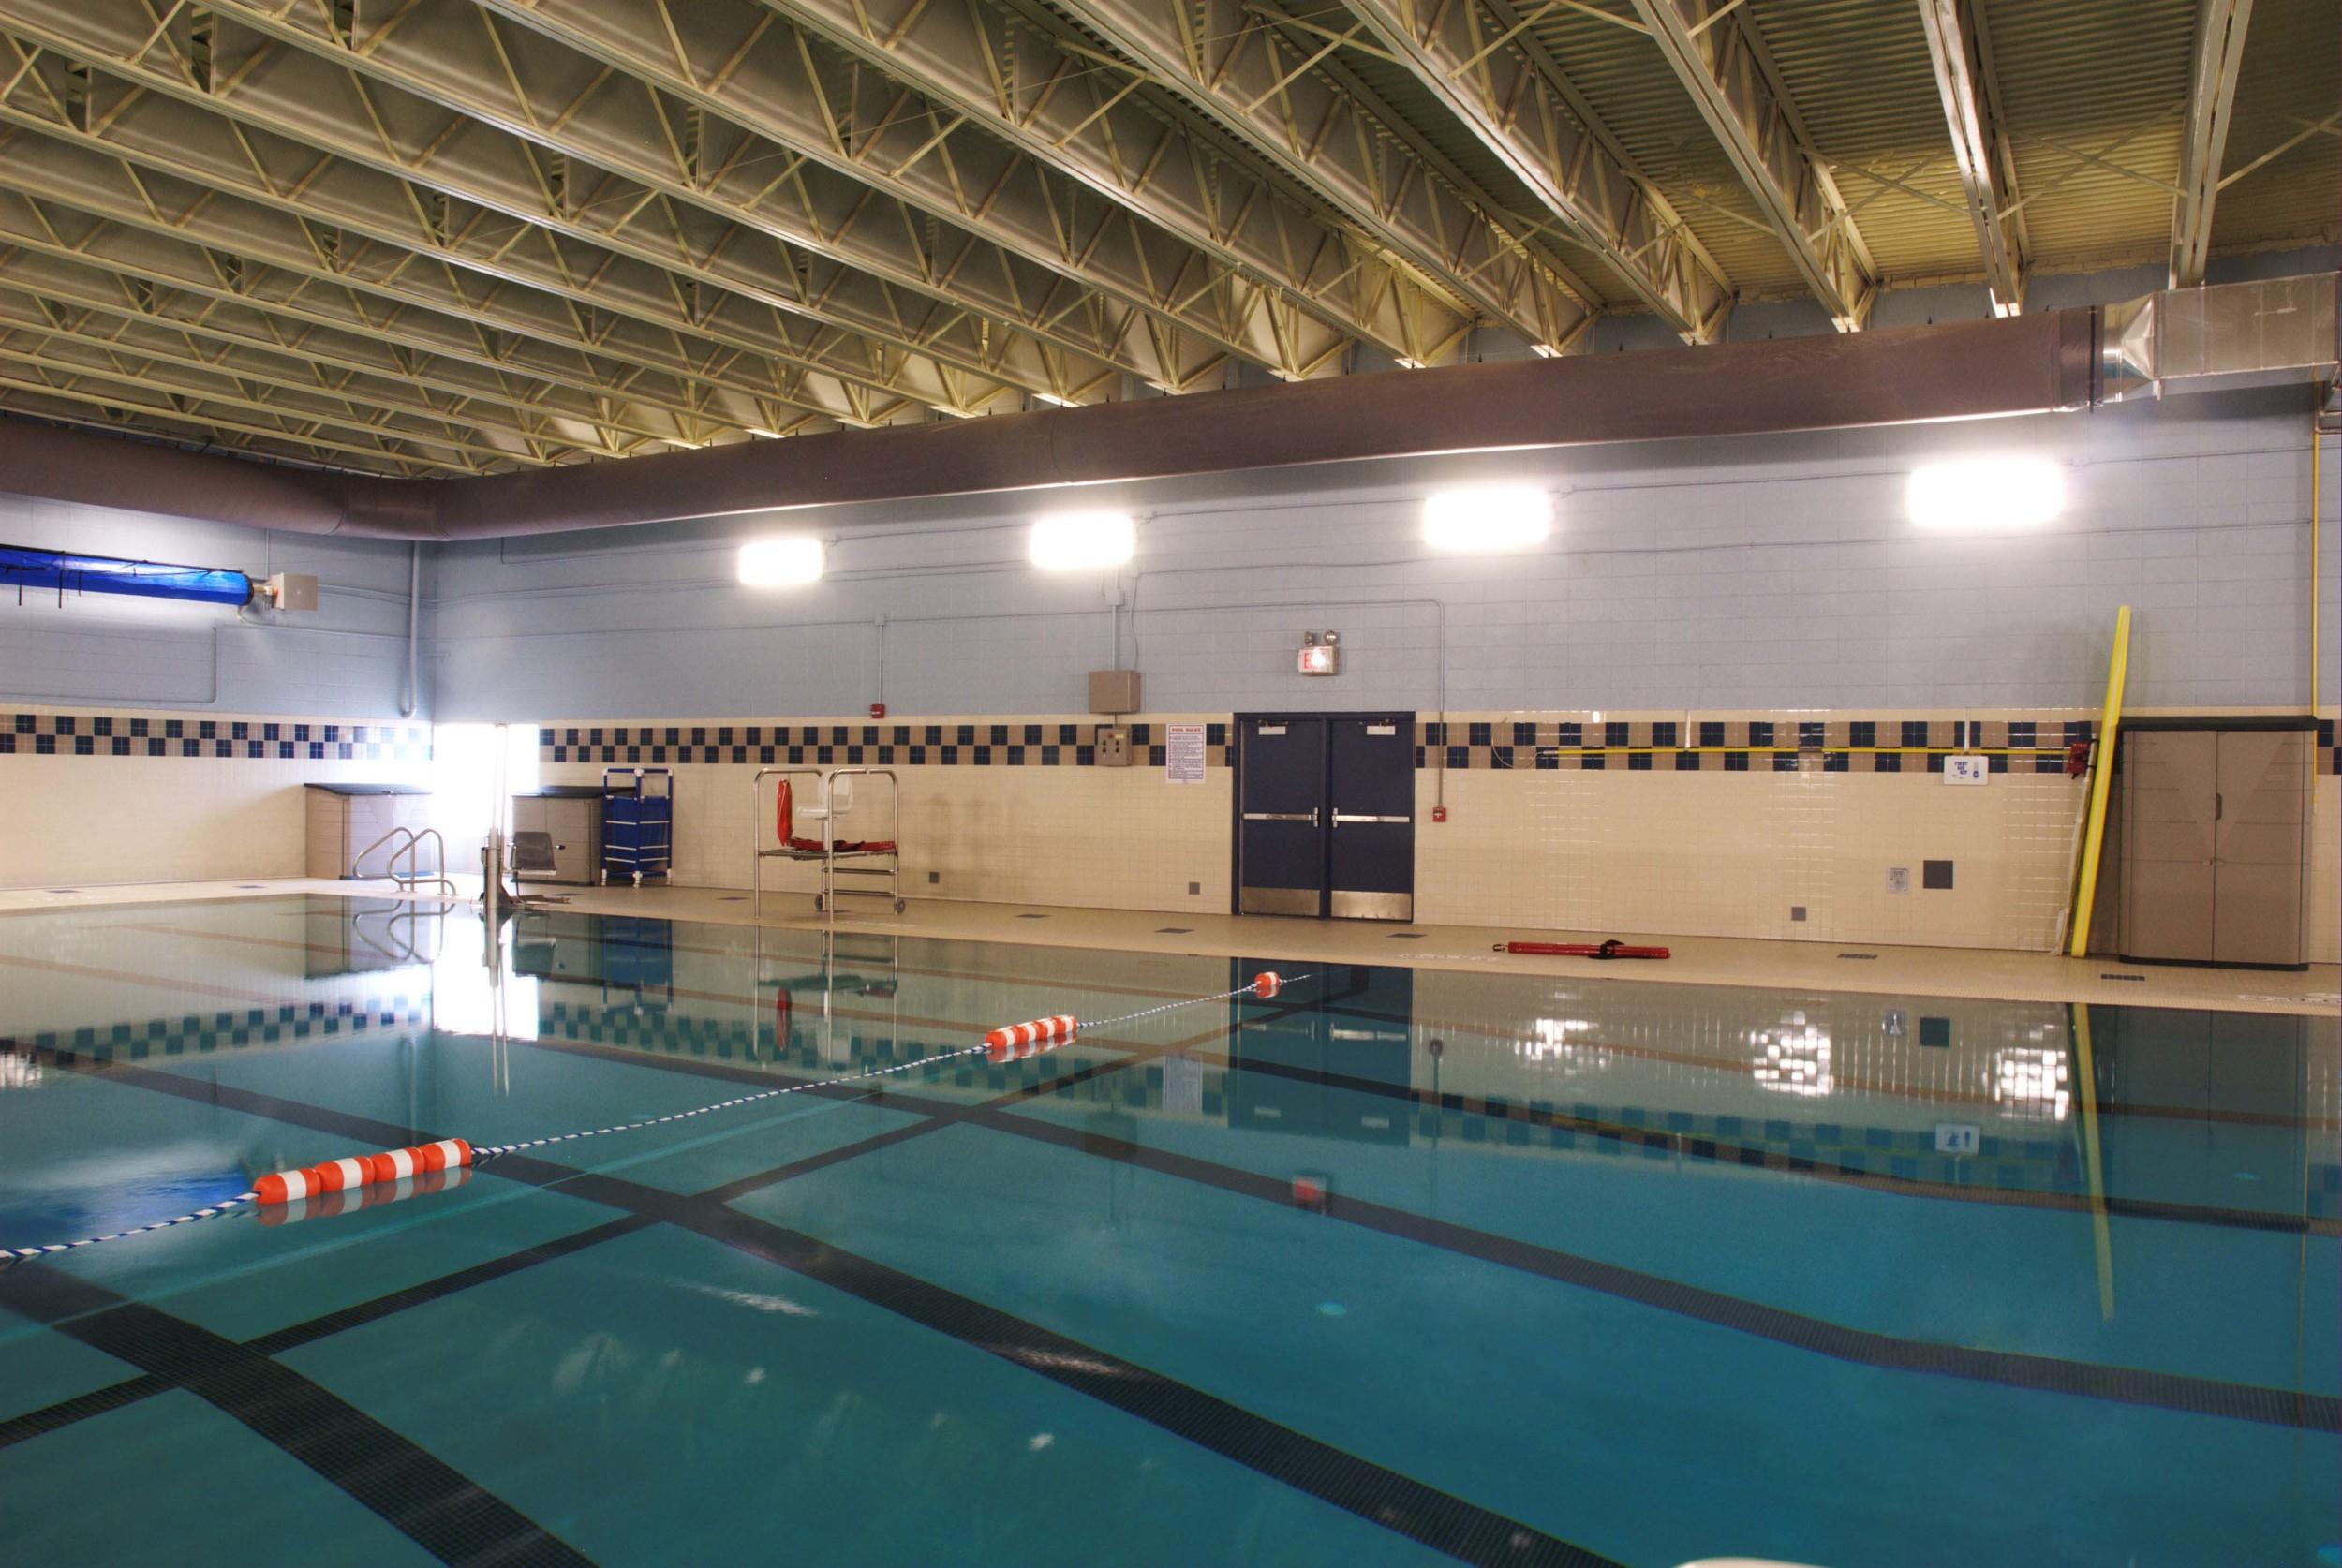 Pool area at Poynette High School in Poynette, WI